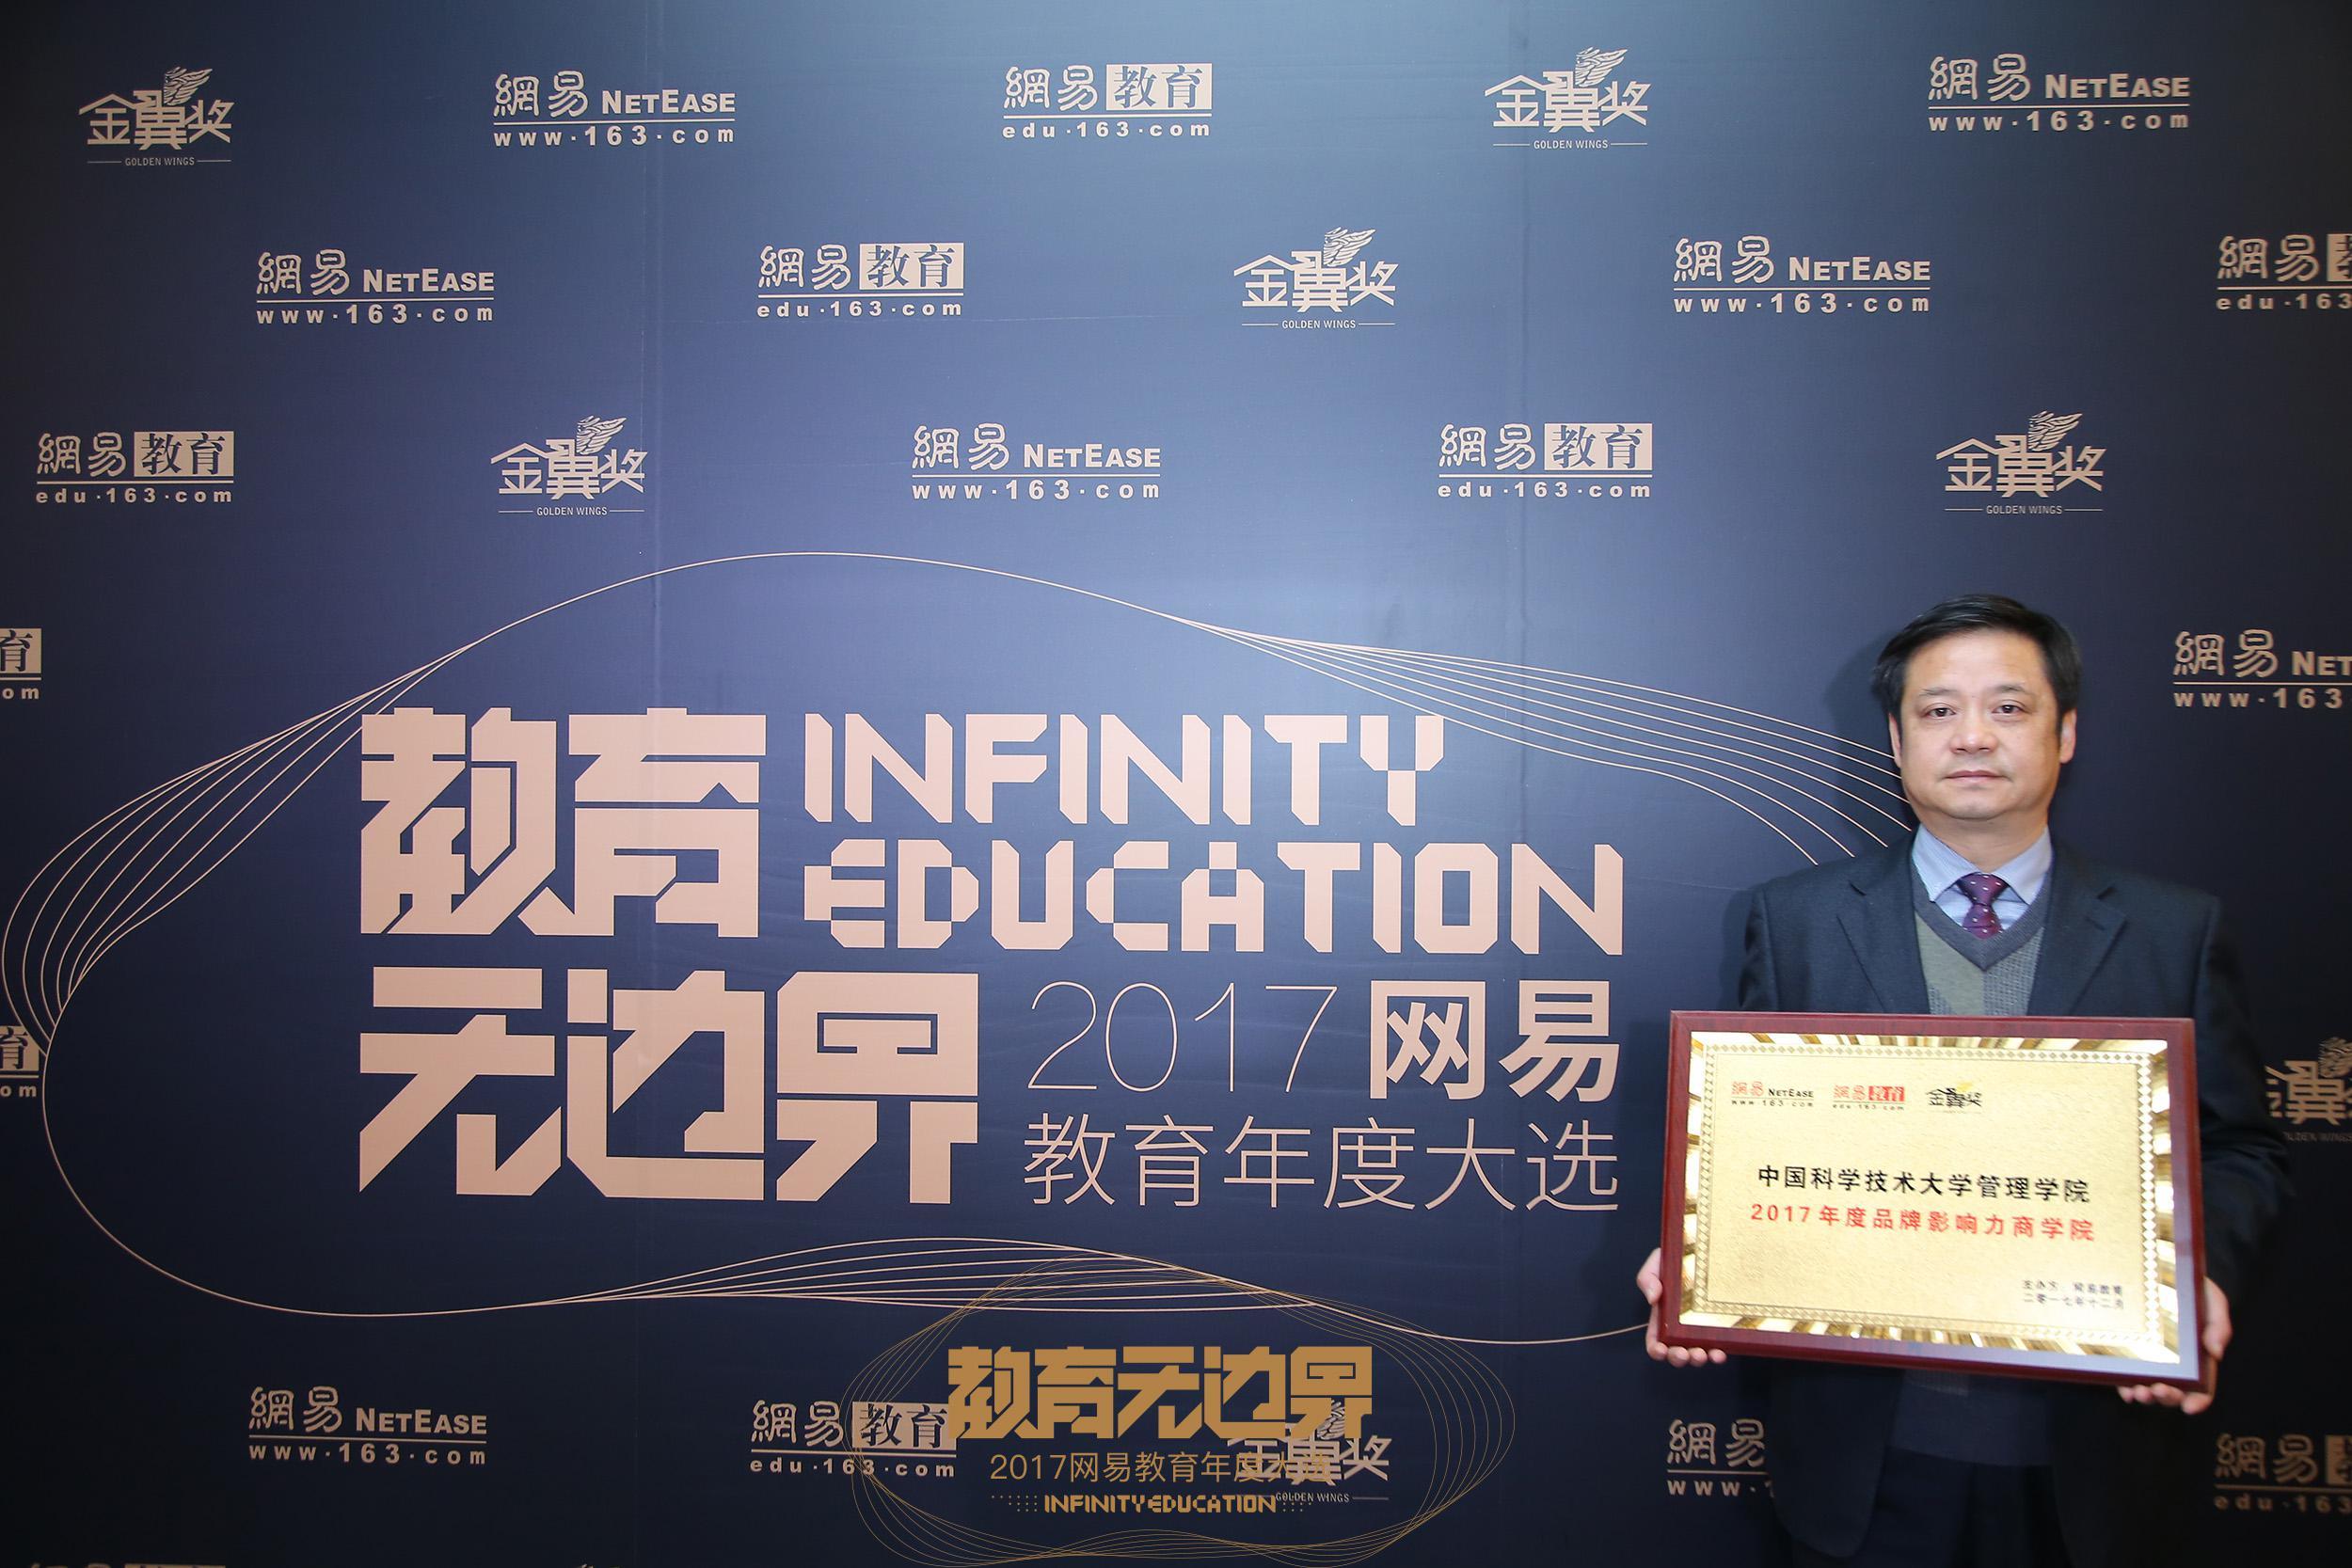 中国科大管理学院林峰:打造世界一流商学院